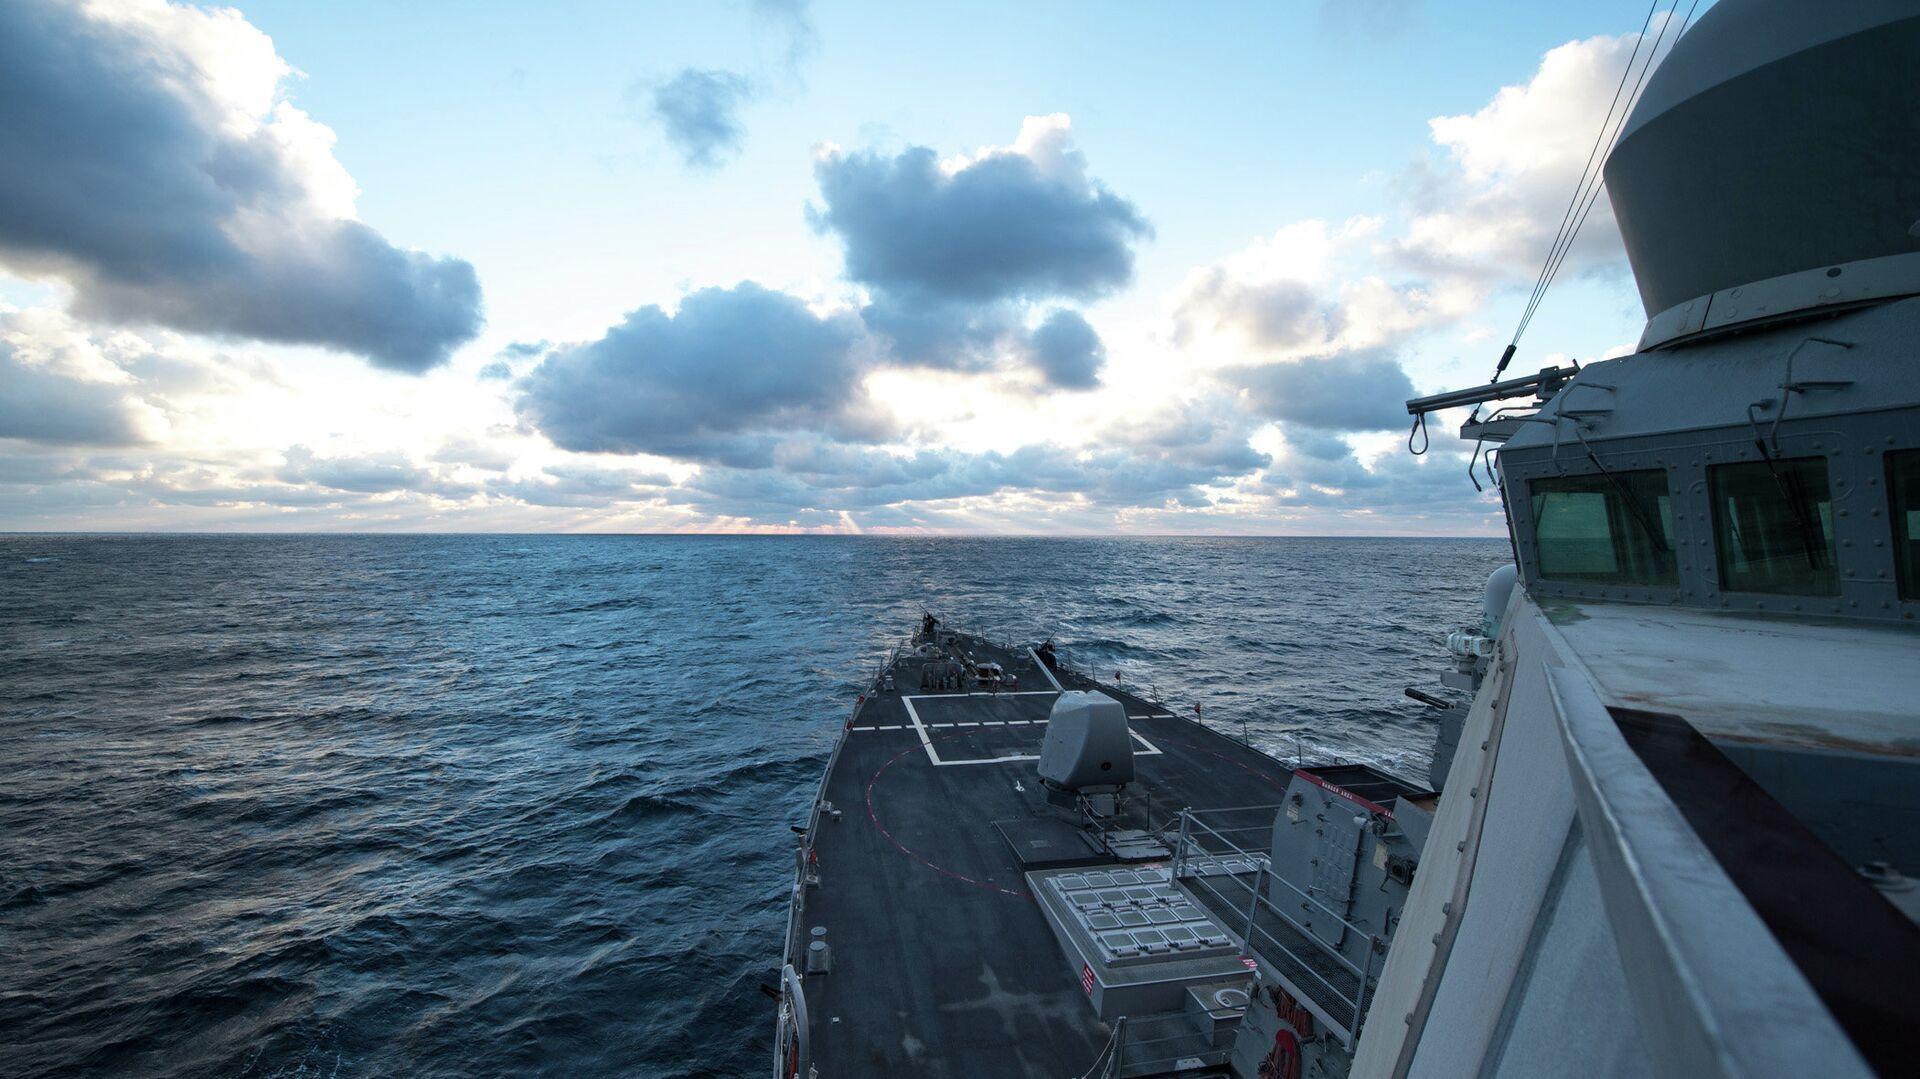 Destructor estadounidense USS Donald Cook en el mar Negro - Sputnik Mundo, 1920, 09.04.2021